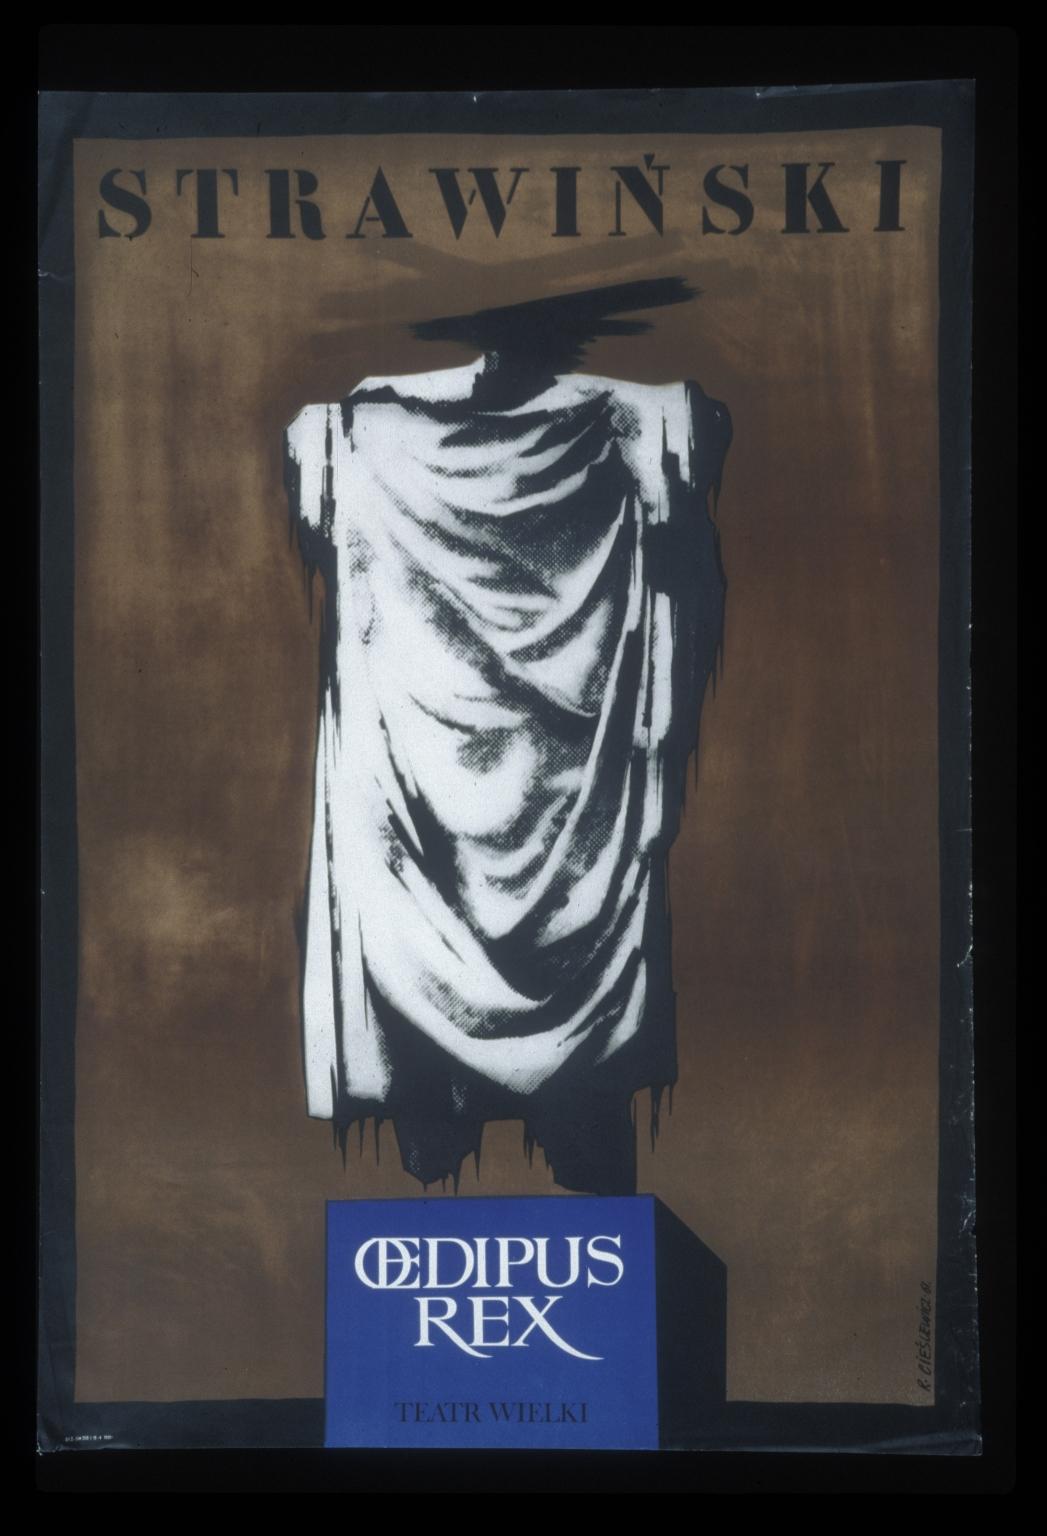 Strawinski, Oedipus rex: Teatr Wielki